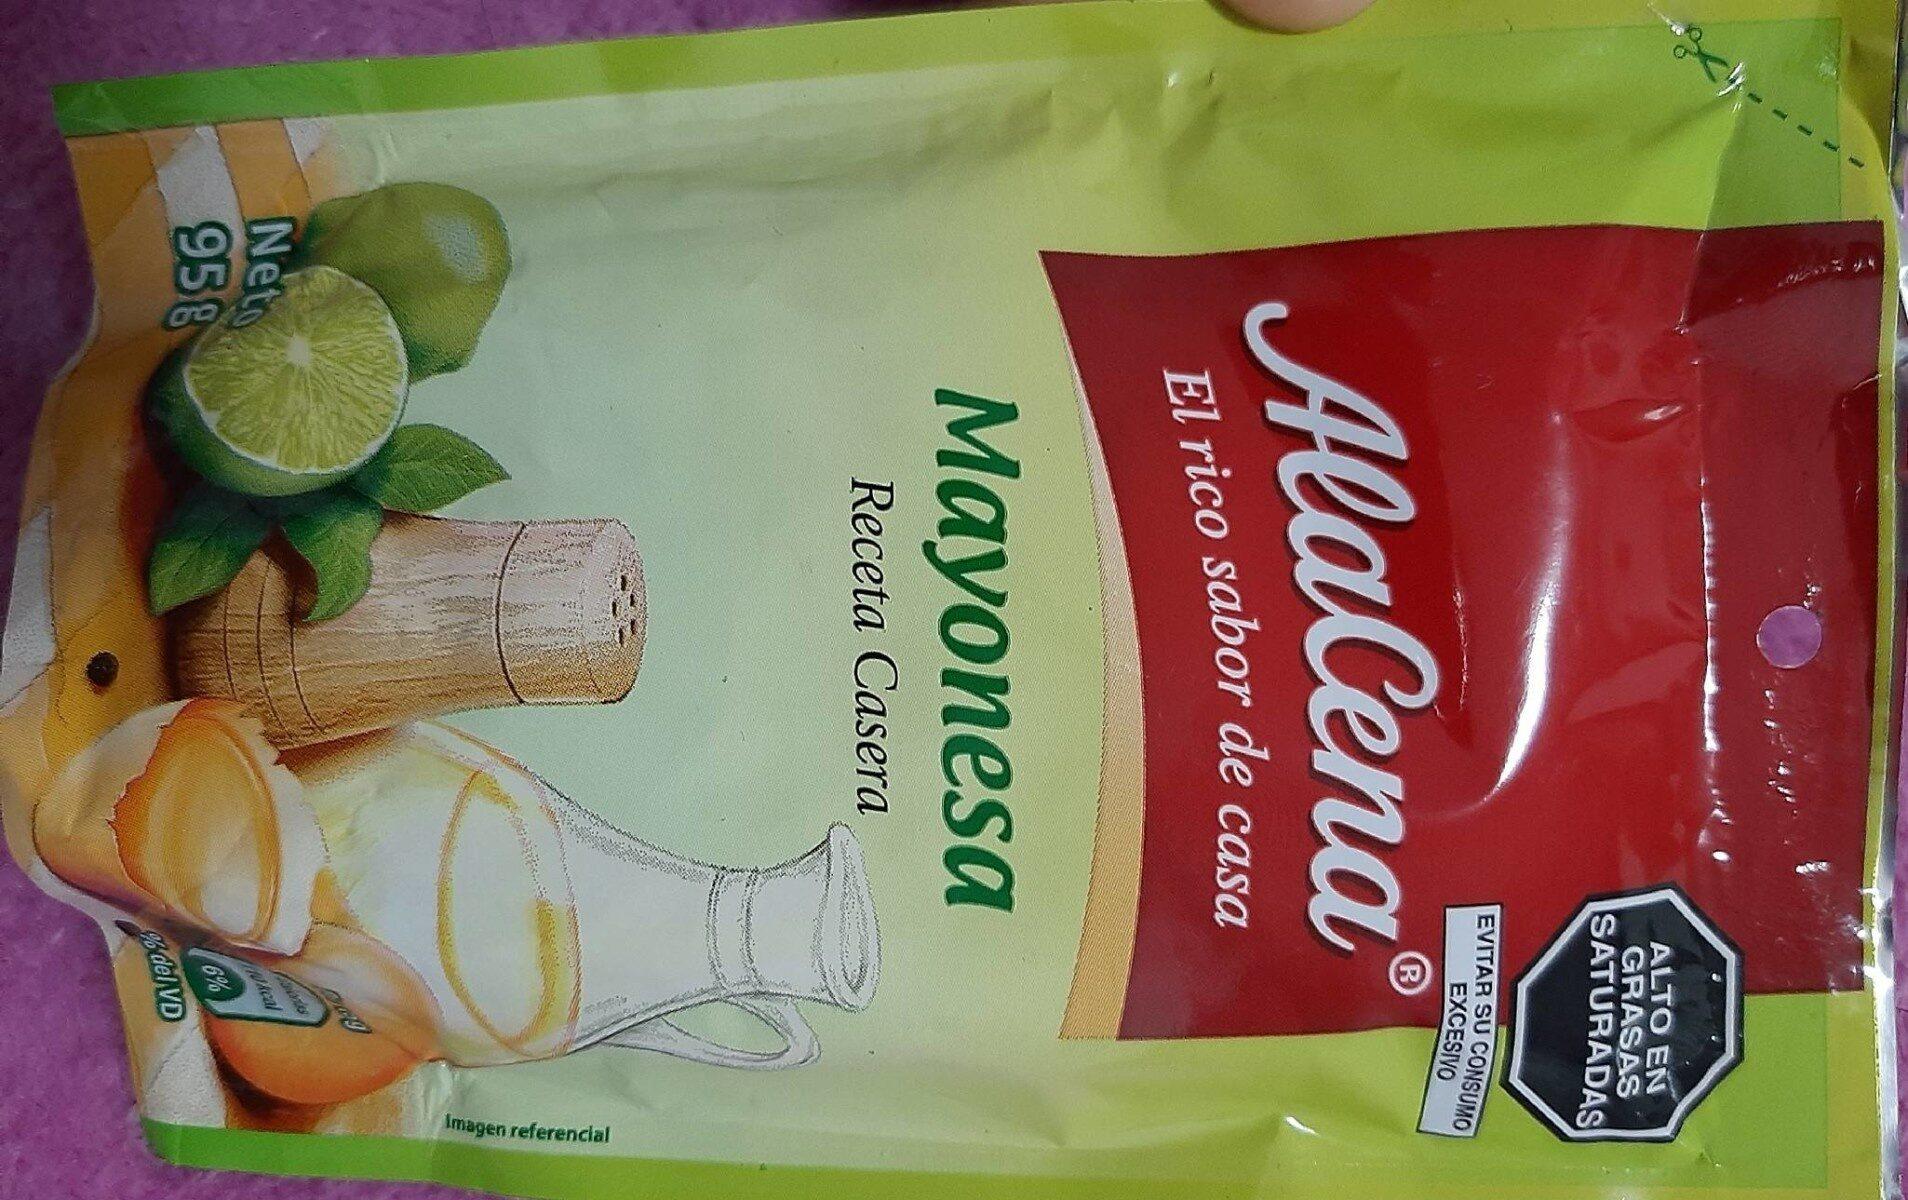 Mayonesa Alacena - Product - es